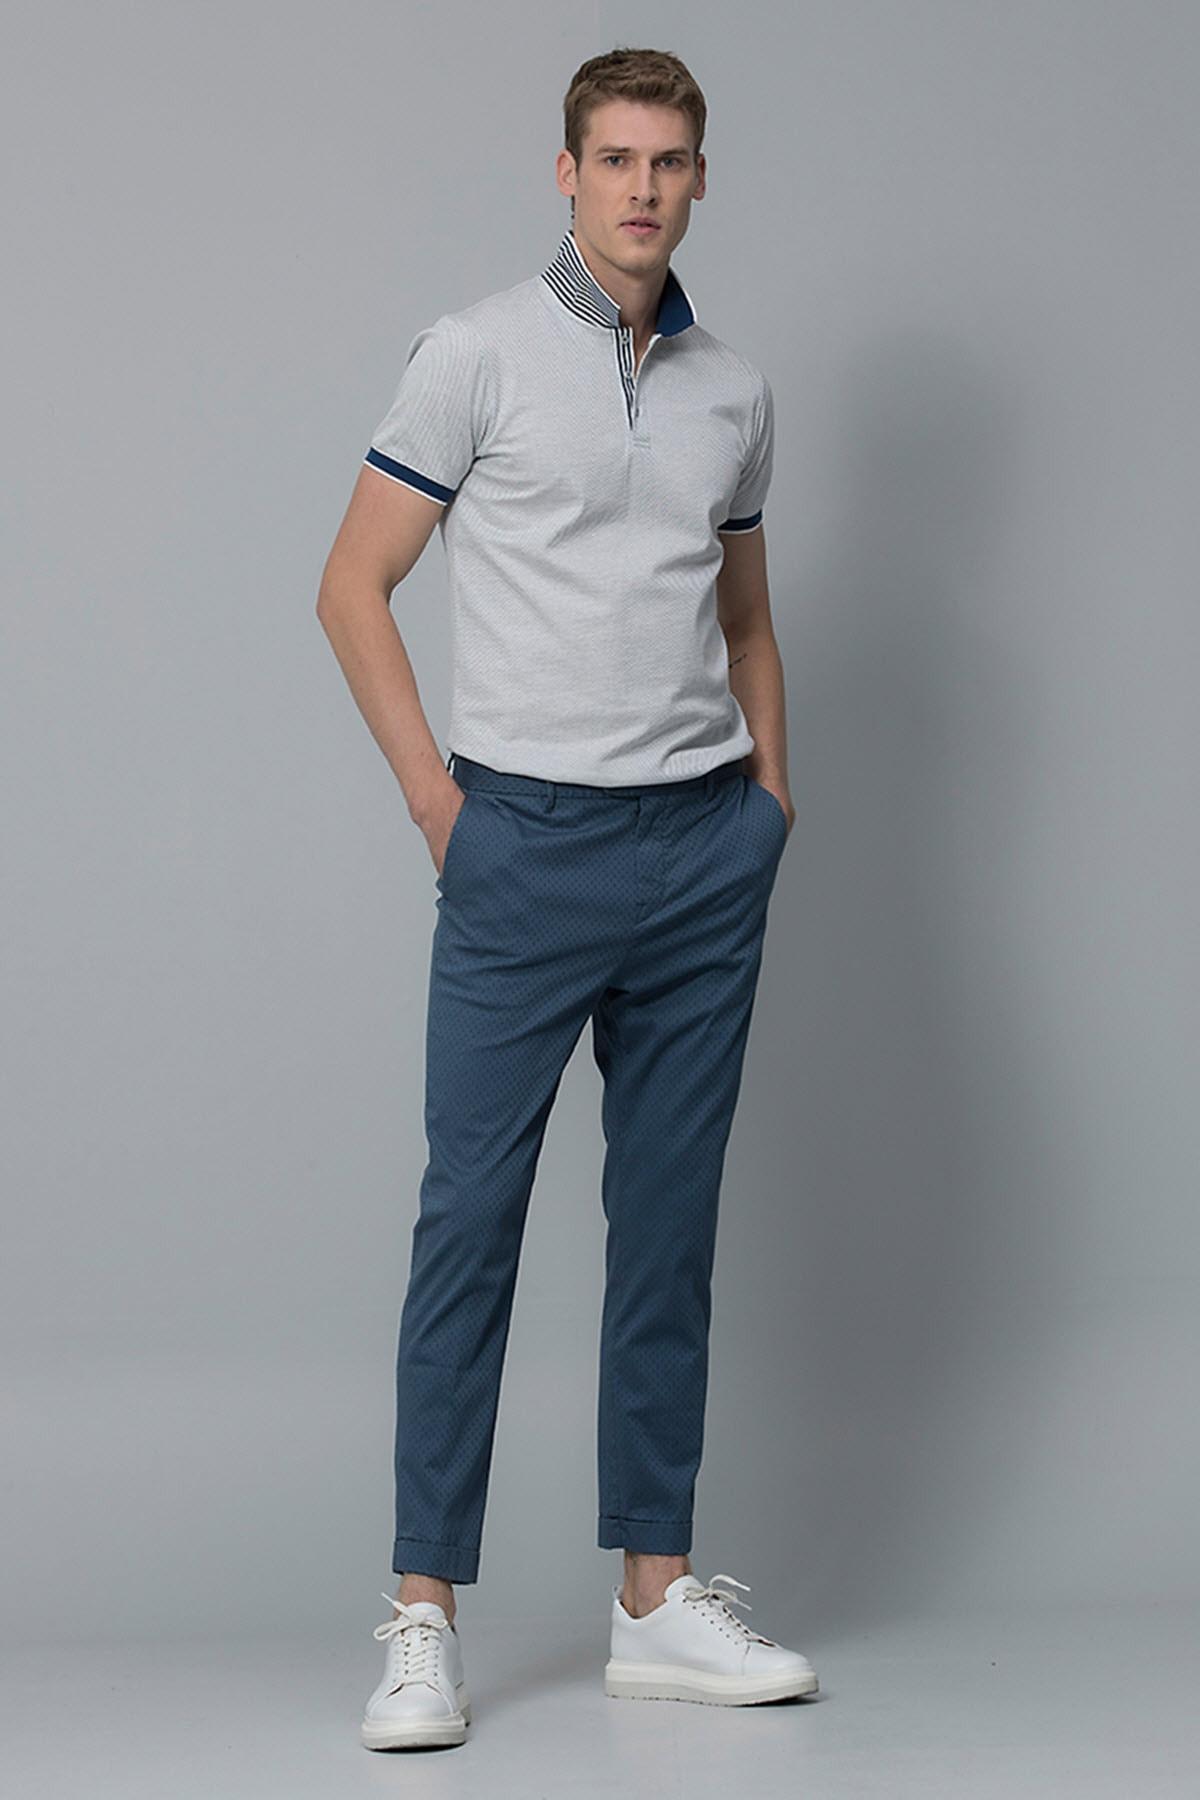 Lufian Vicent Smart Chino Pantolon Slim Fit Açık Lacivert 2